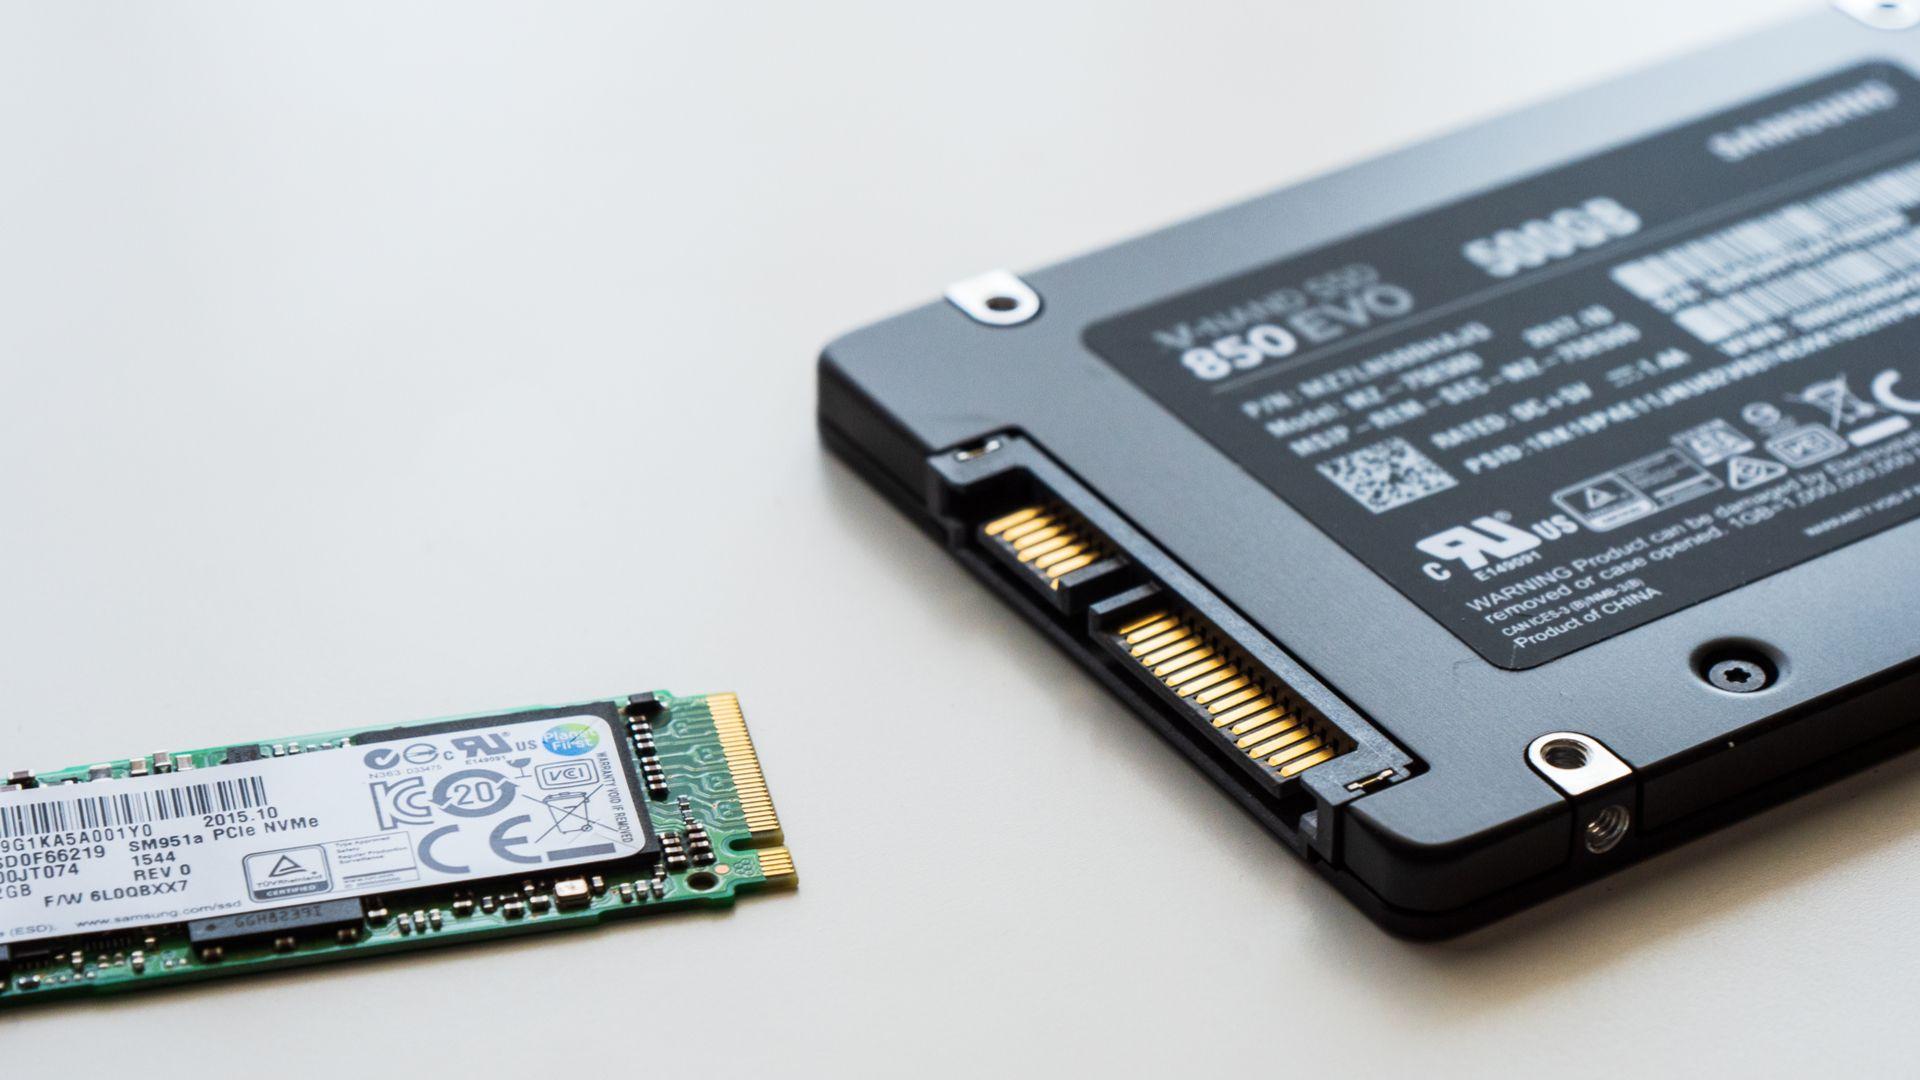 SSD M.2 (à esquerda) e SSD SATA (à direita). (Foto: Shutterstock/N. Miga)